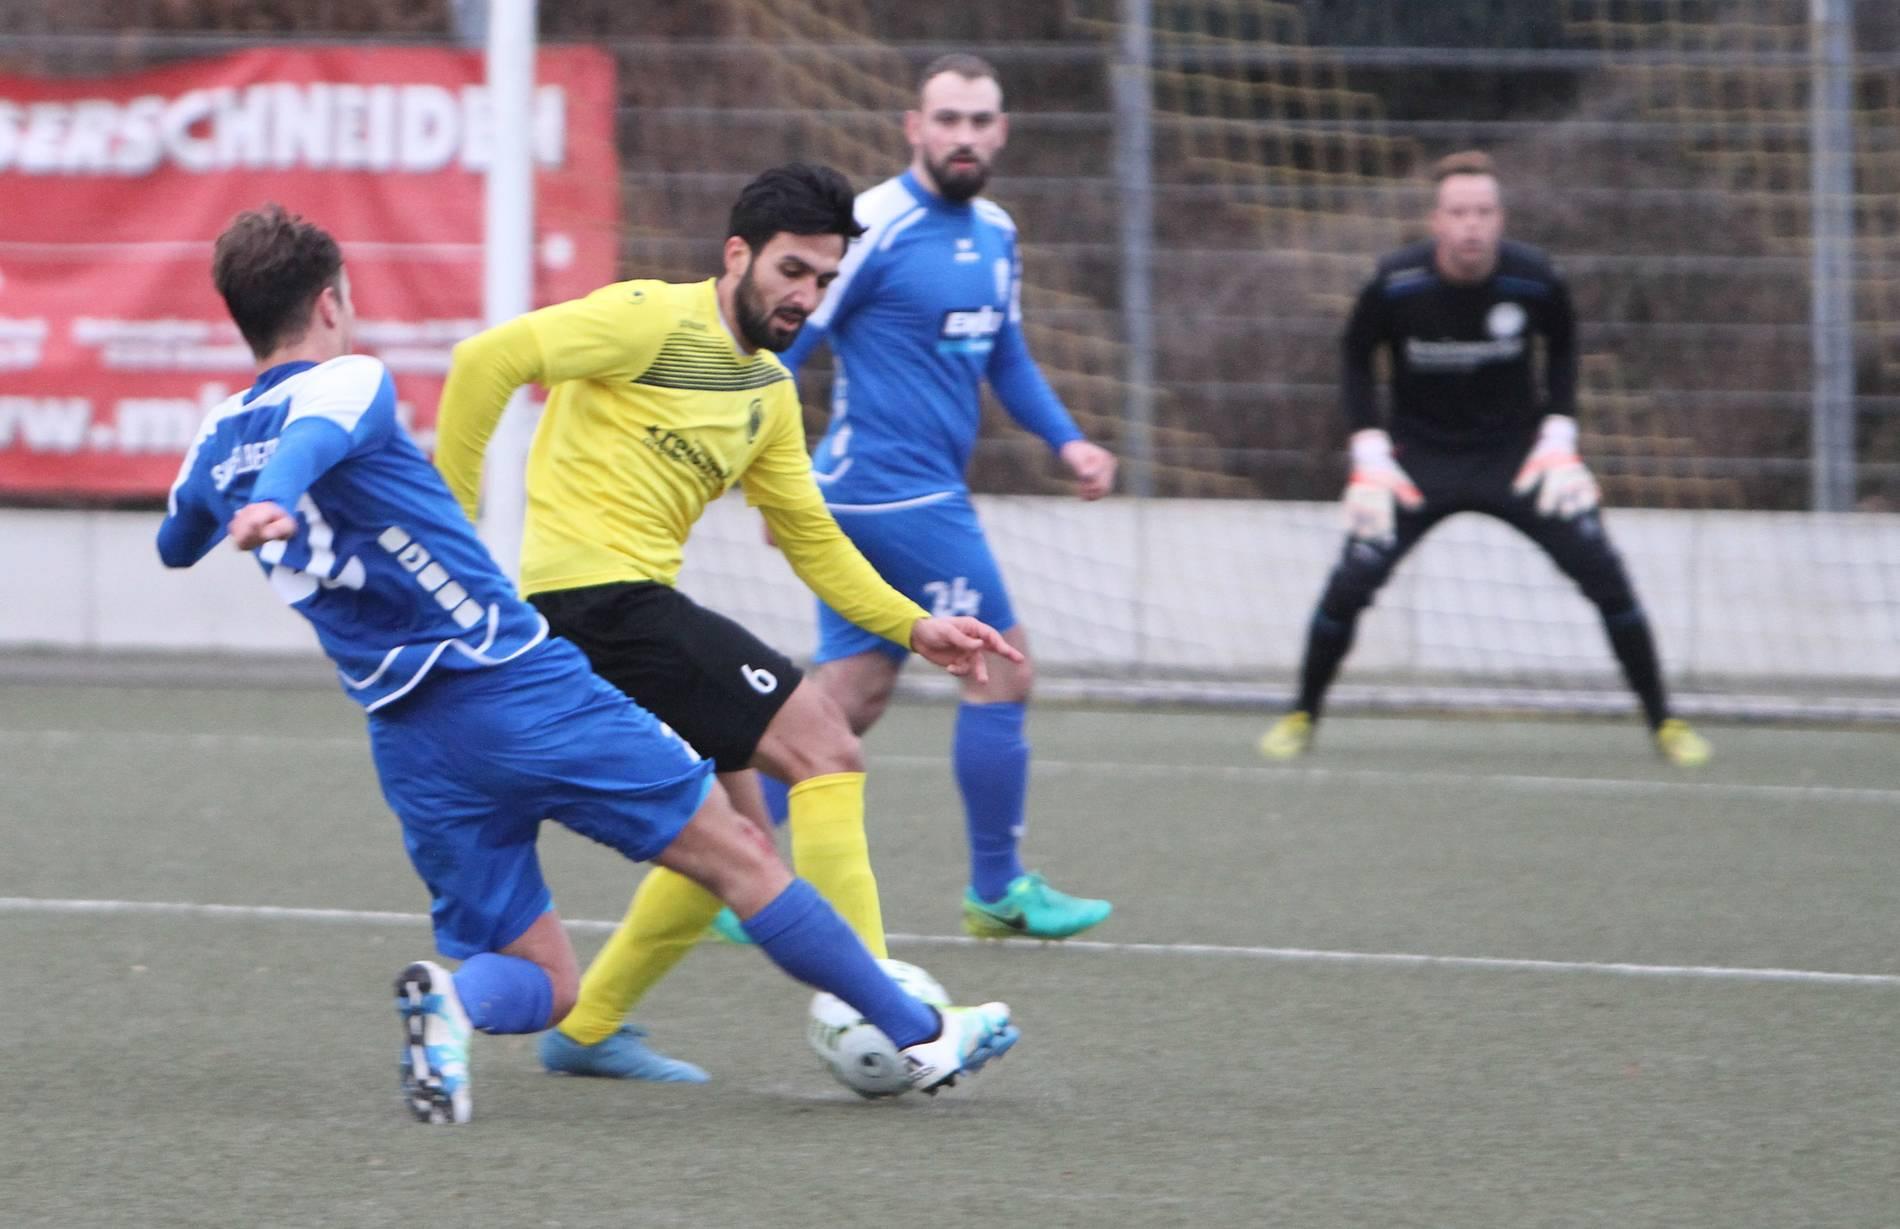 Dfb Pokal Kani Taher Spielt Mit Dem 1 Fc Duren Gegen Bayern Munchen